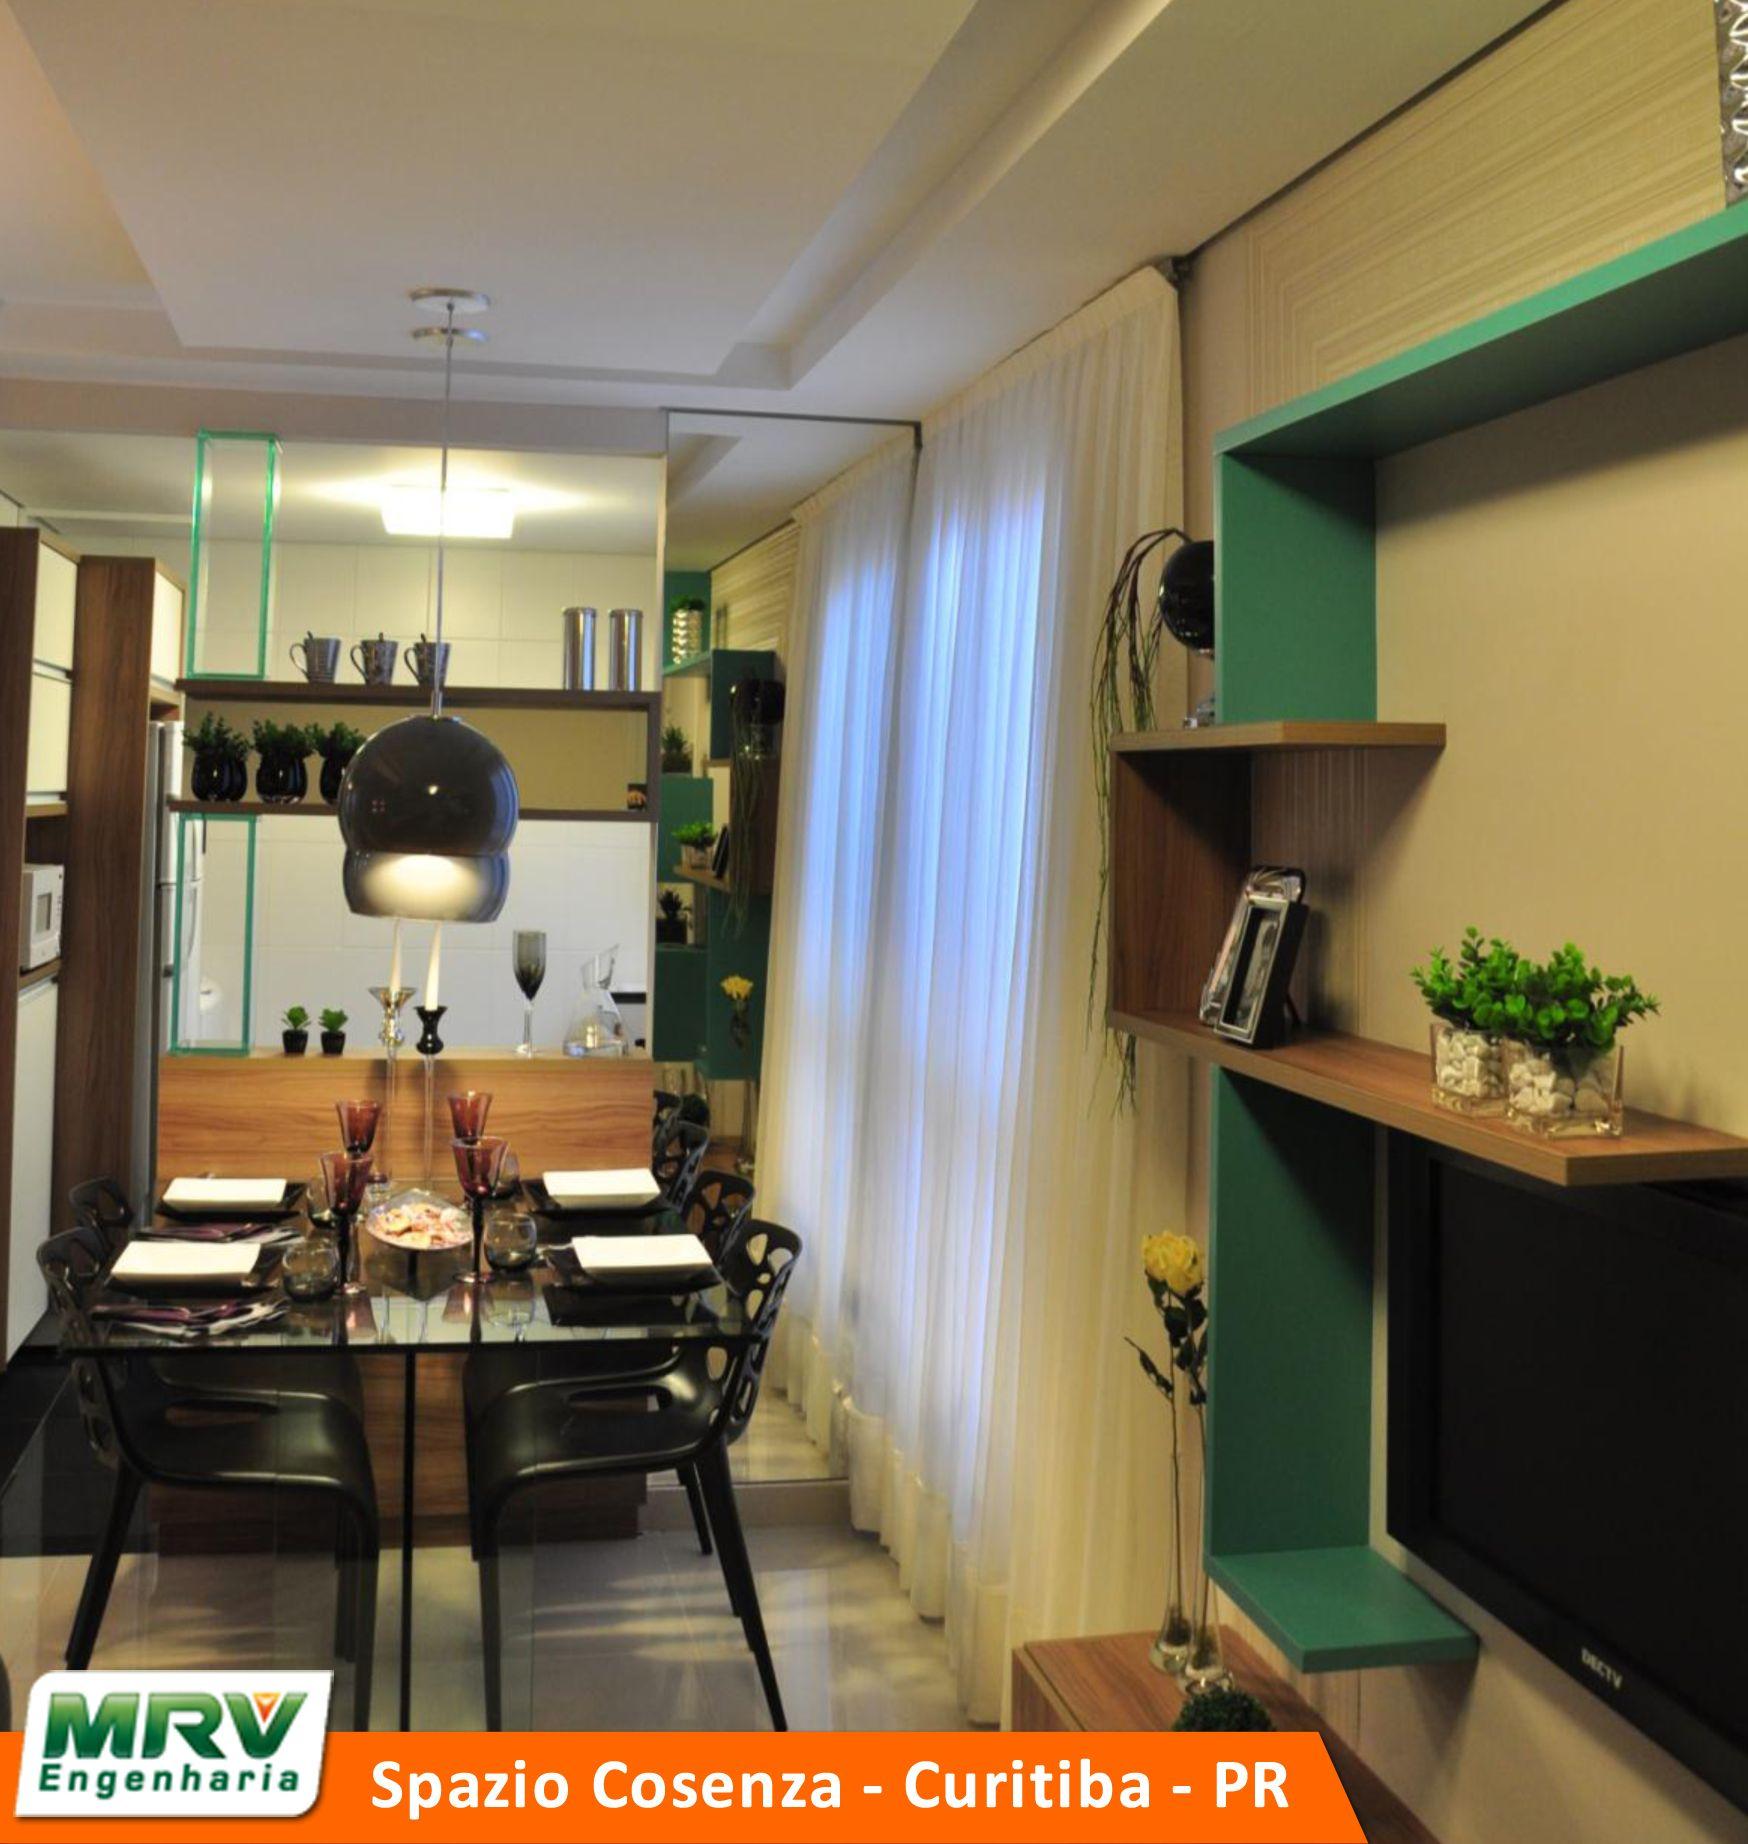 Apartamento Decorado Do Spazio Cosenza No Bairro Pinheirinho  -> Apartamento Mrv Decorado Fotos